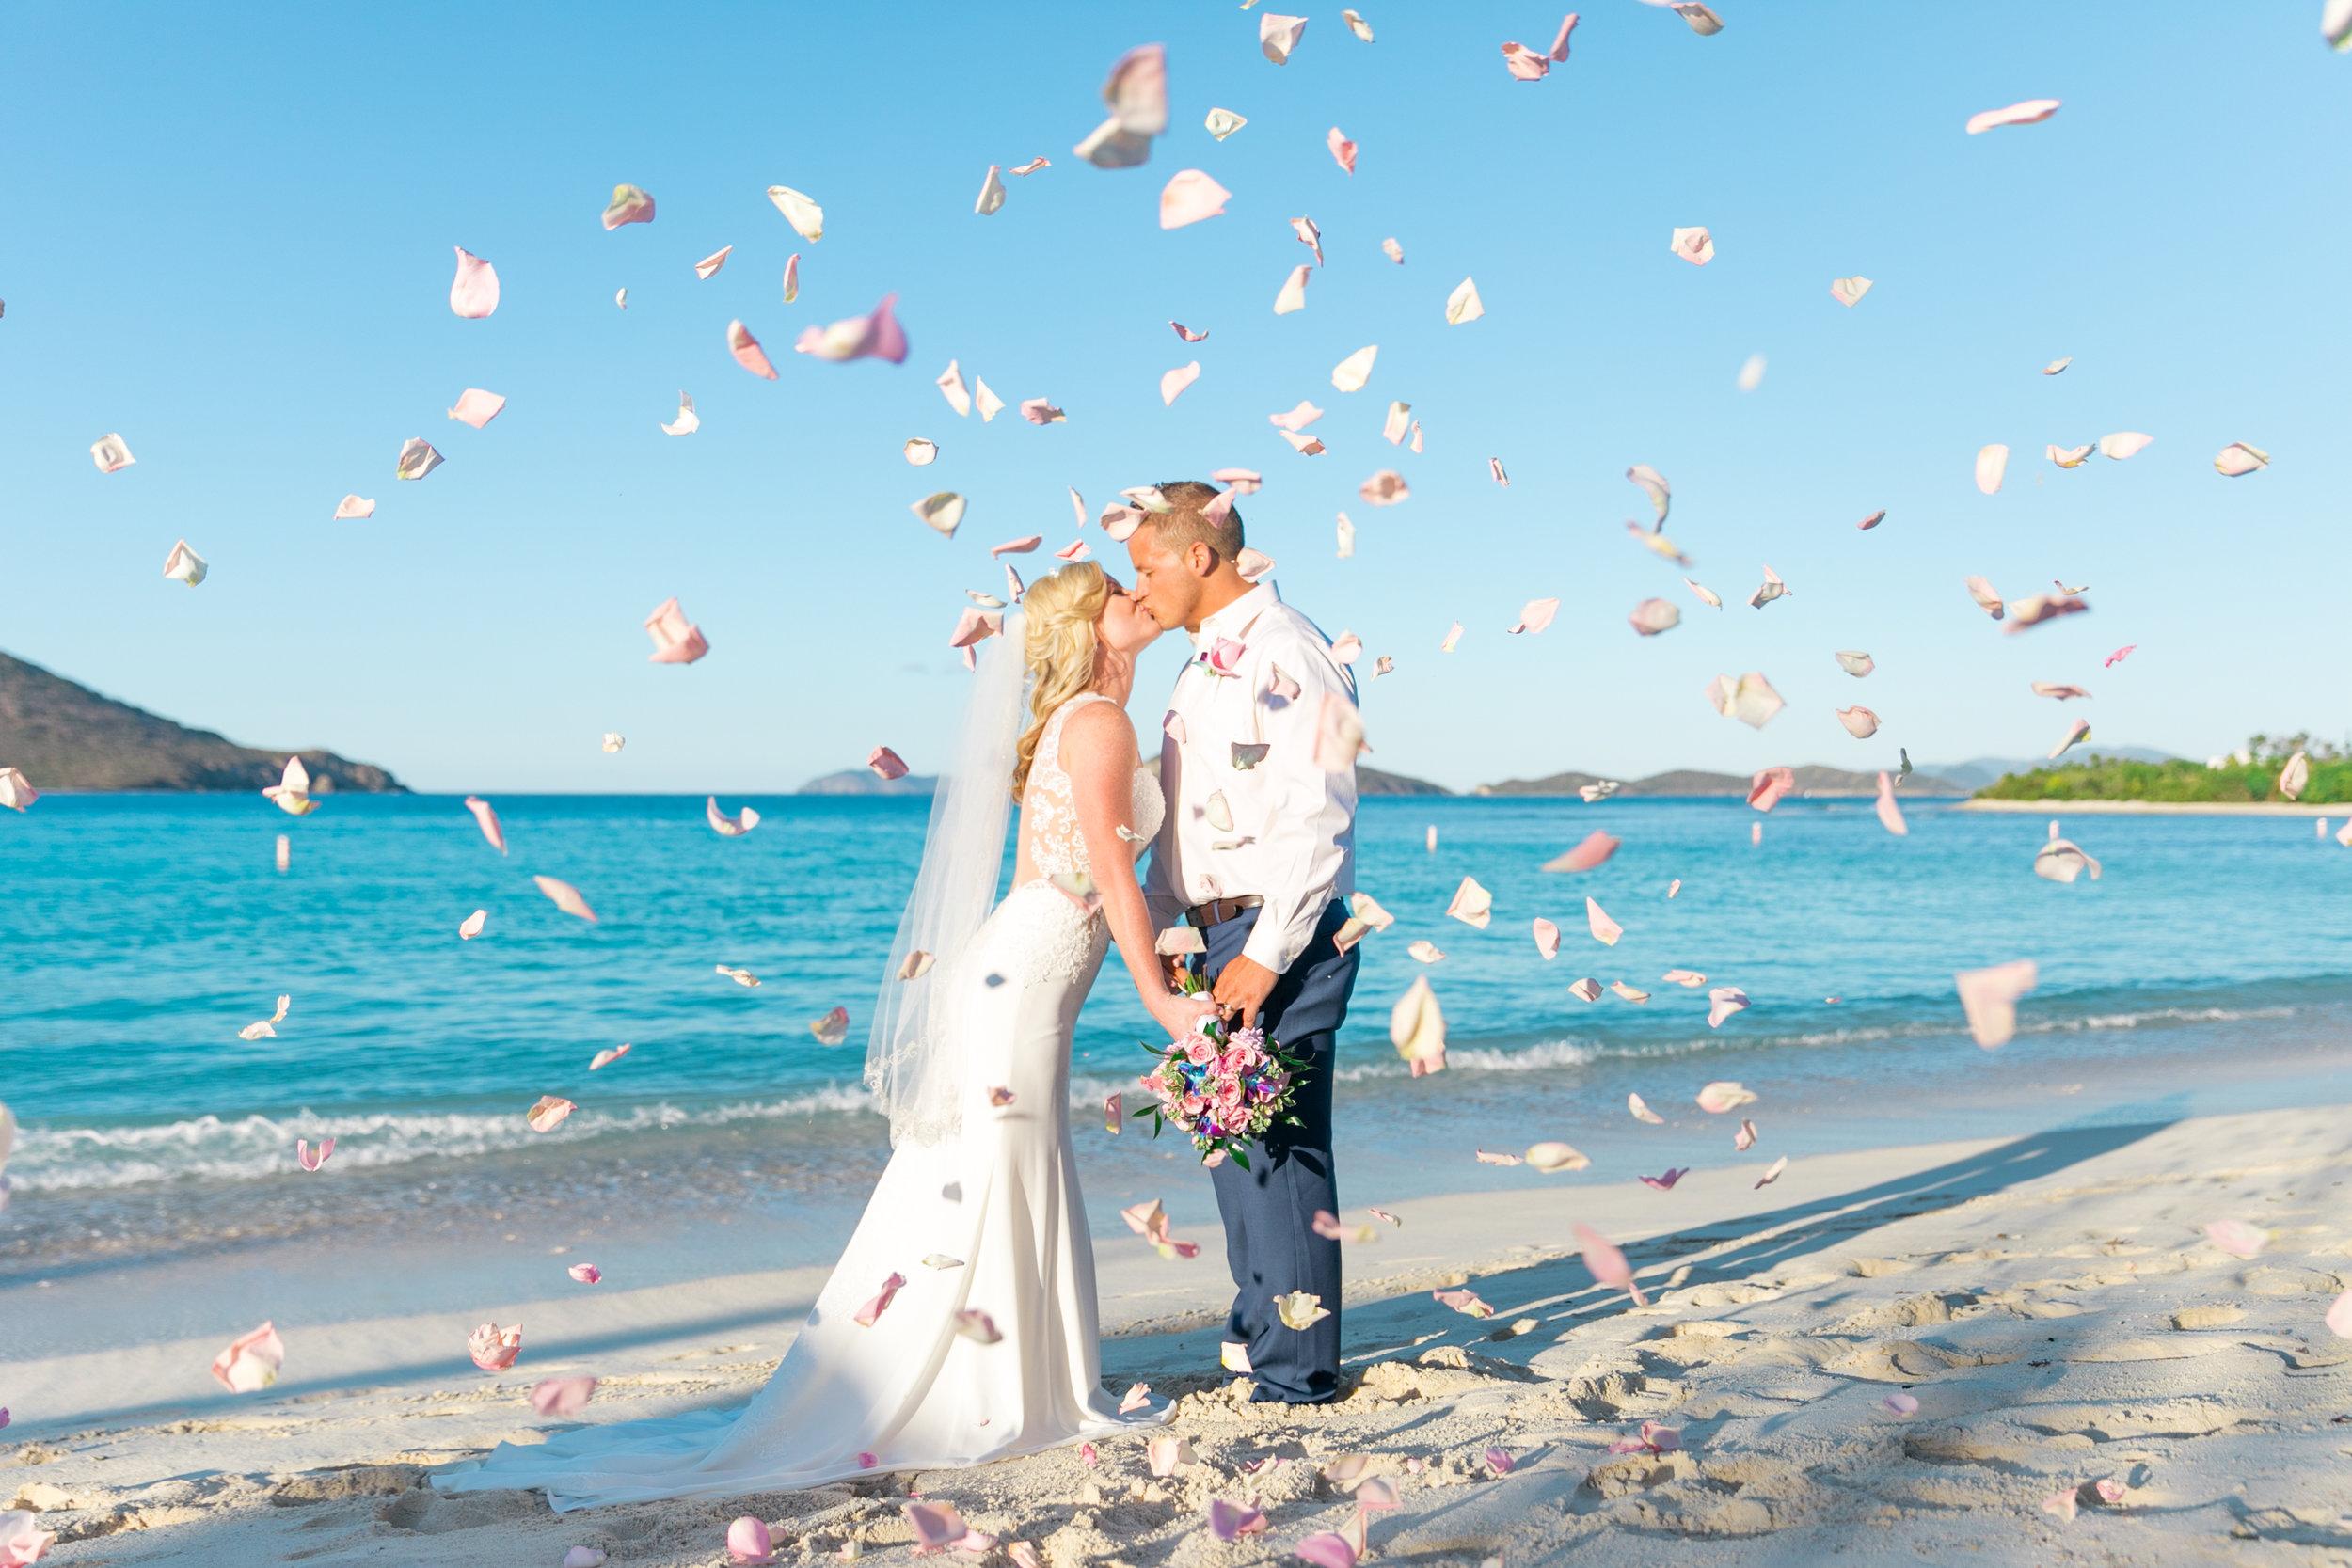 st-thomas-wedding-photography